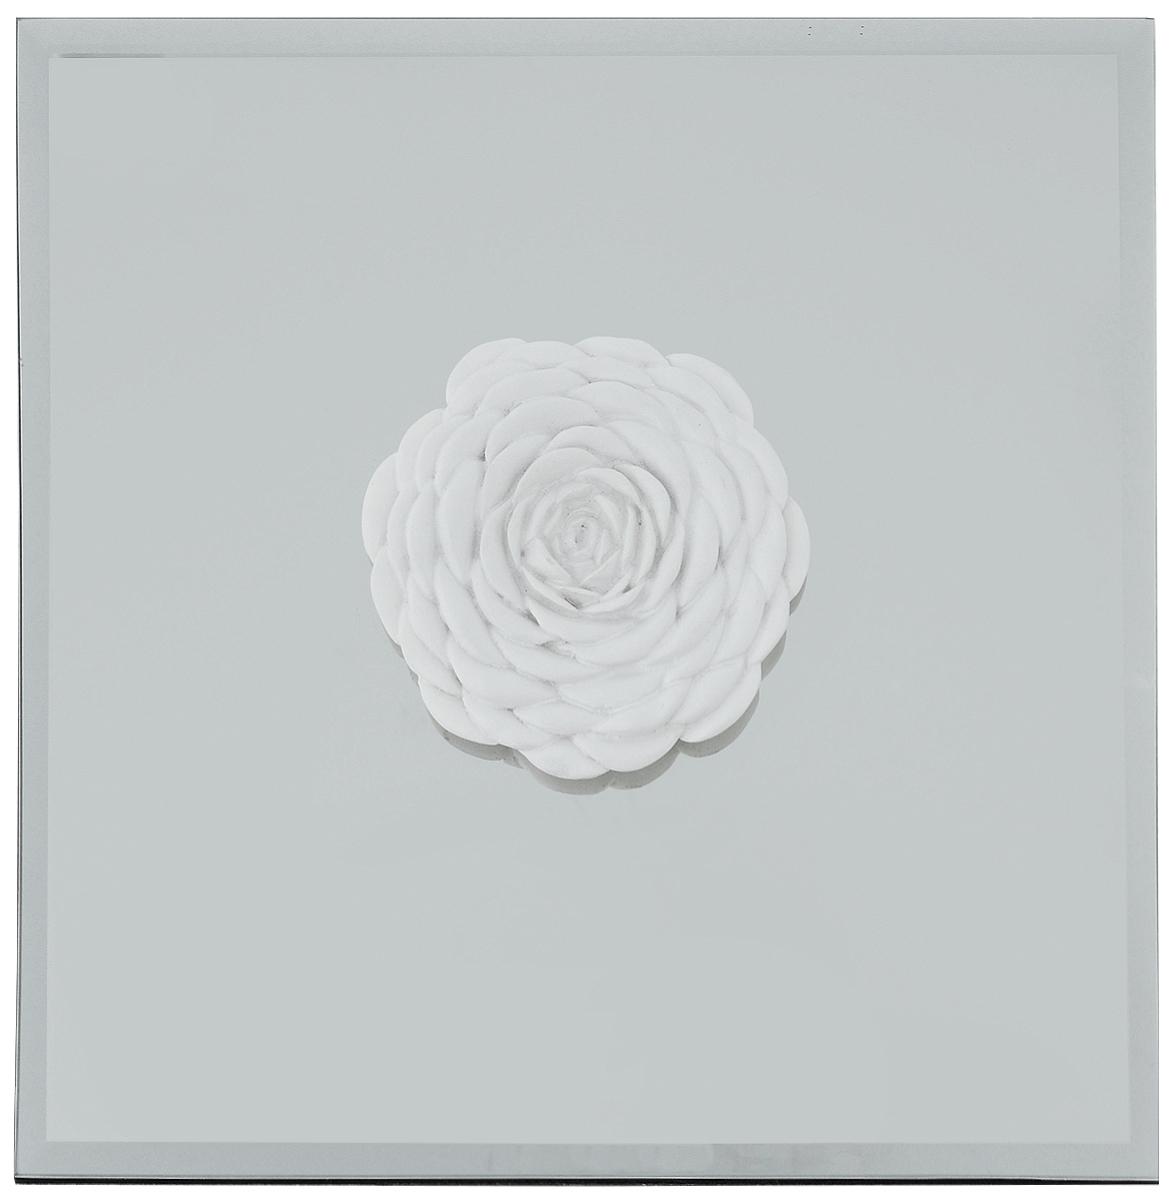 Украшение декоративное Феникс-Презент Роза, настенное, 24 x 24 x 3 см44063Настенное украшение Феникс-Презент Роза изготовлено из основы МДФ и зеркального стекла, декоративный элемент выполнен из полирезина в виде цветка розы. Для удобства размещения изделие оснащено металлической петелькой для подвешивания. Такое украшение не только подчеркнет ваш изысканный вкус, но и станет прекрасным подарком, который обязательно порадует получателя.